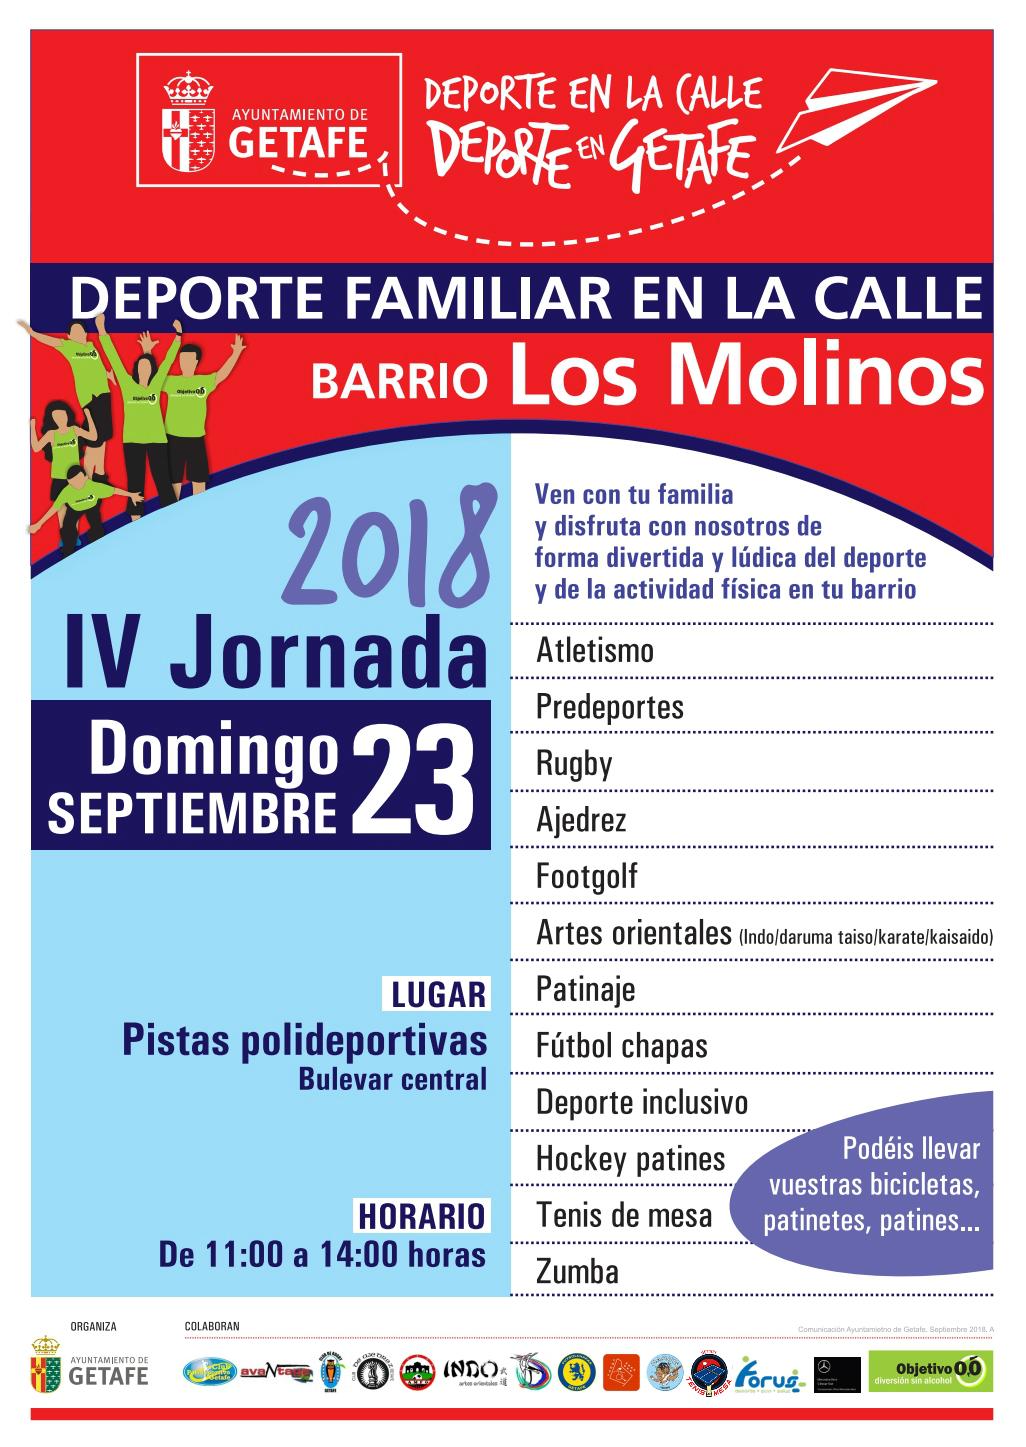 IV Jornada de Deporte Familiar en la Calle Barrio Los Molinos